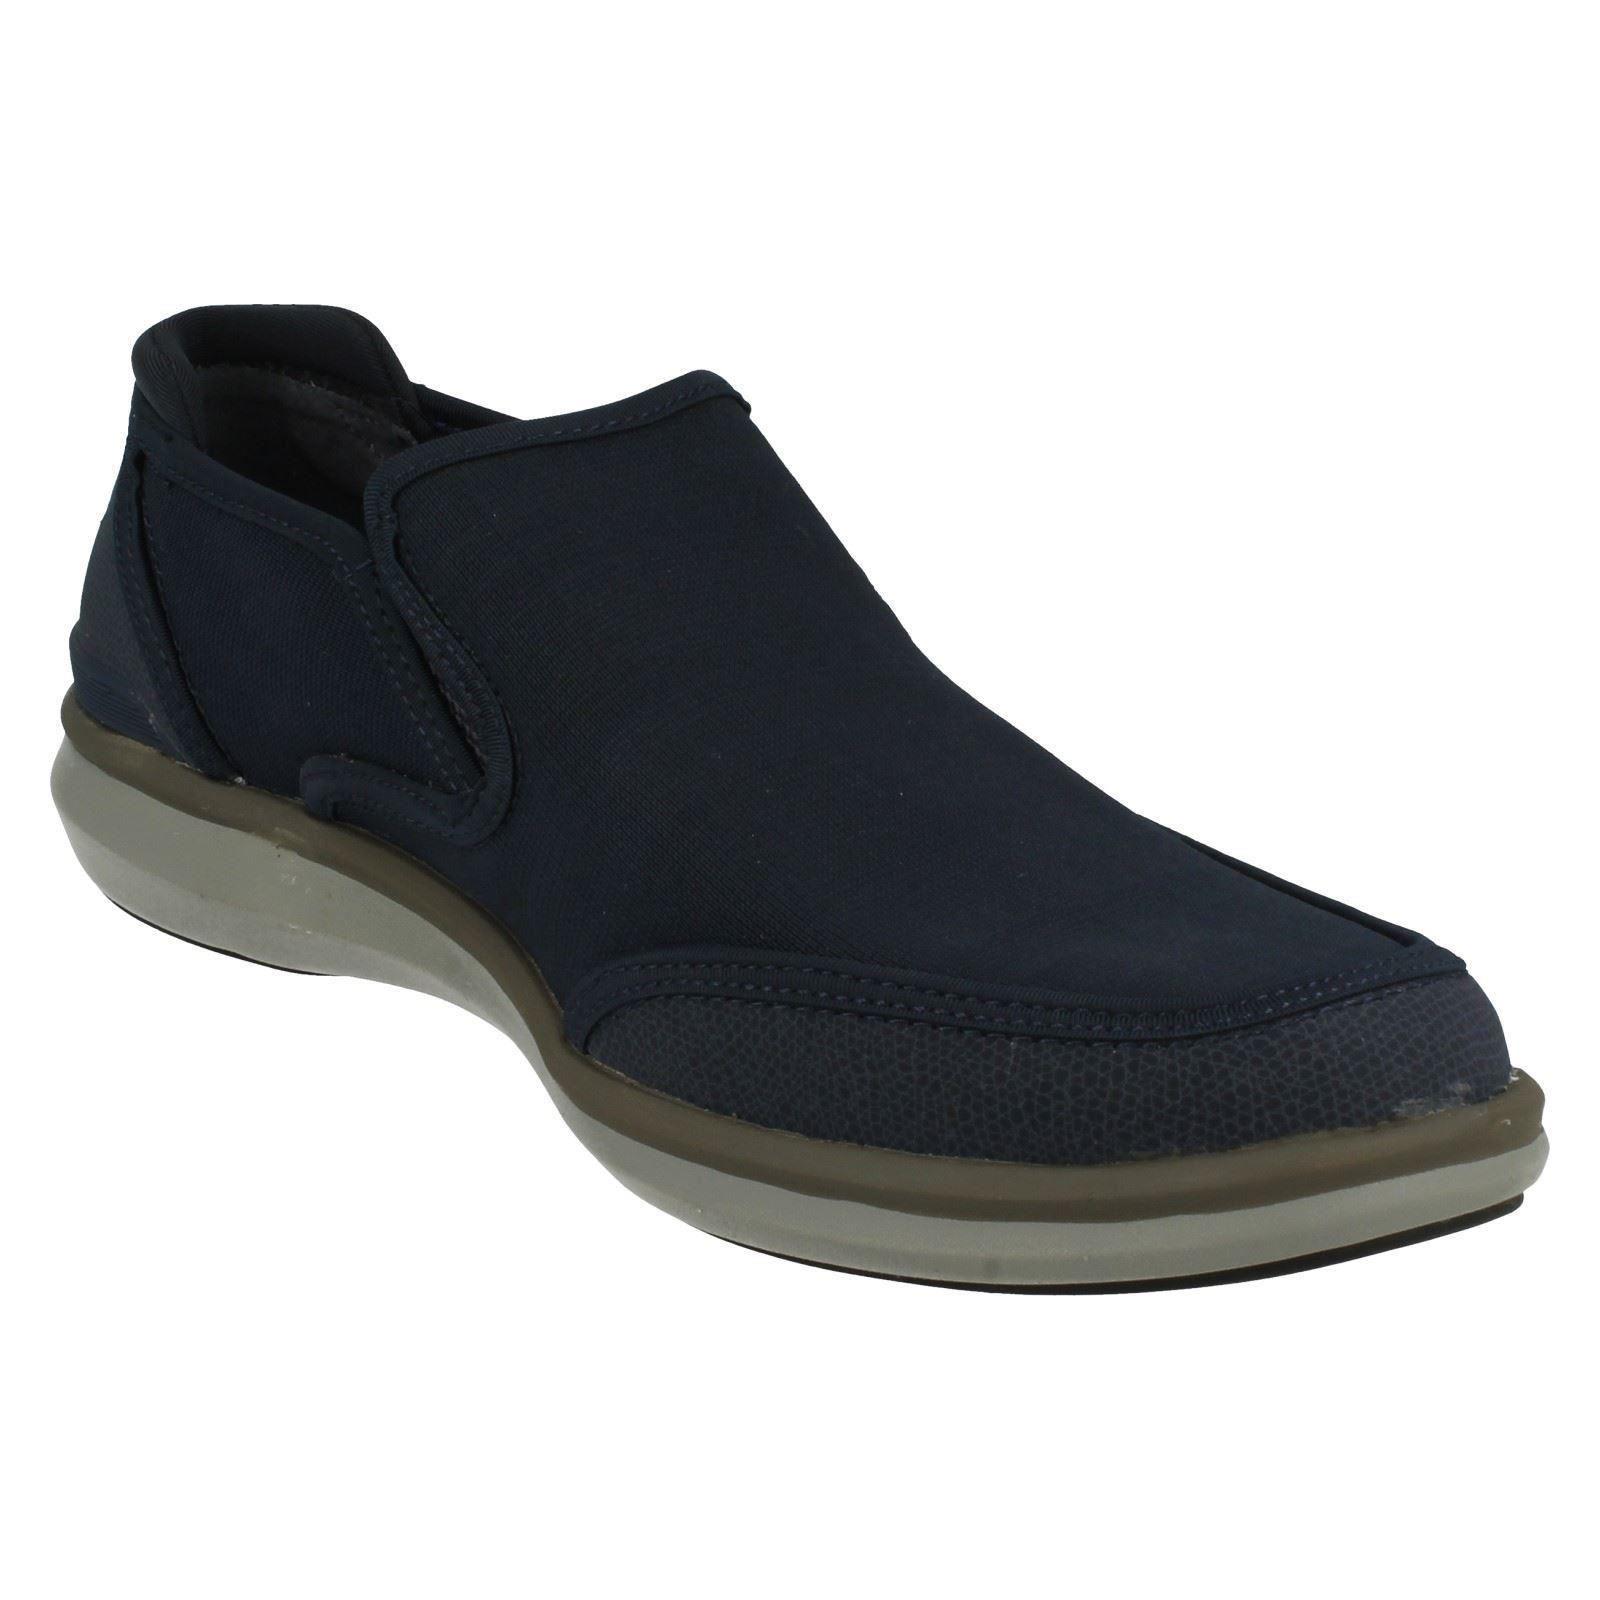 Mark Nason Shoes Uk